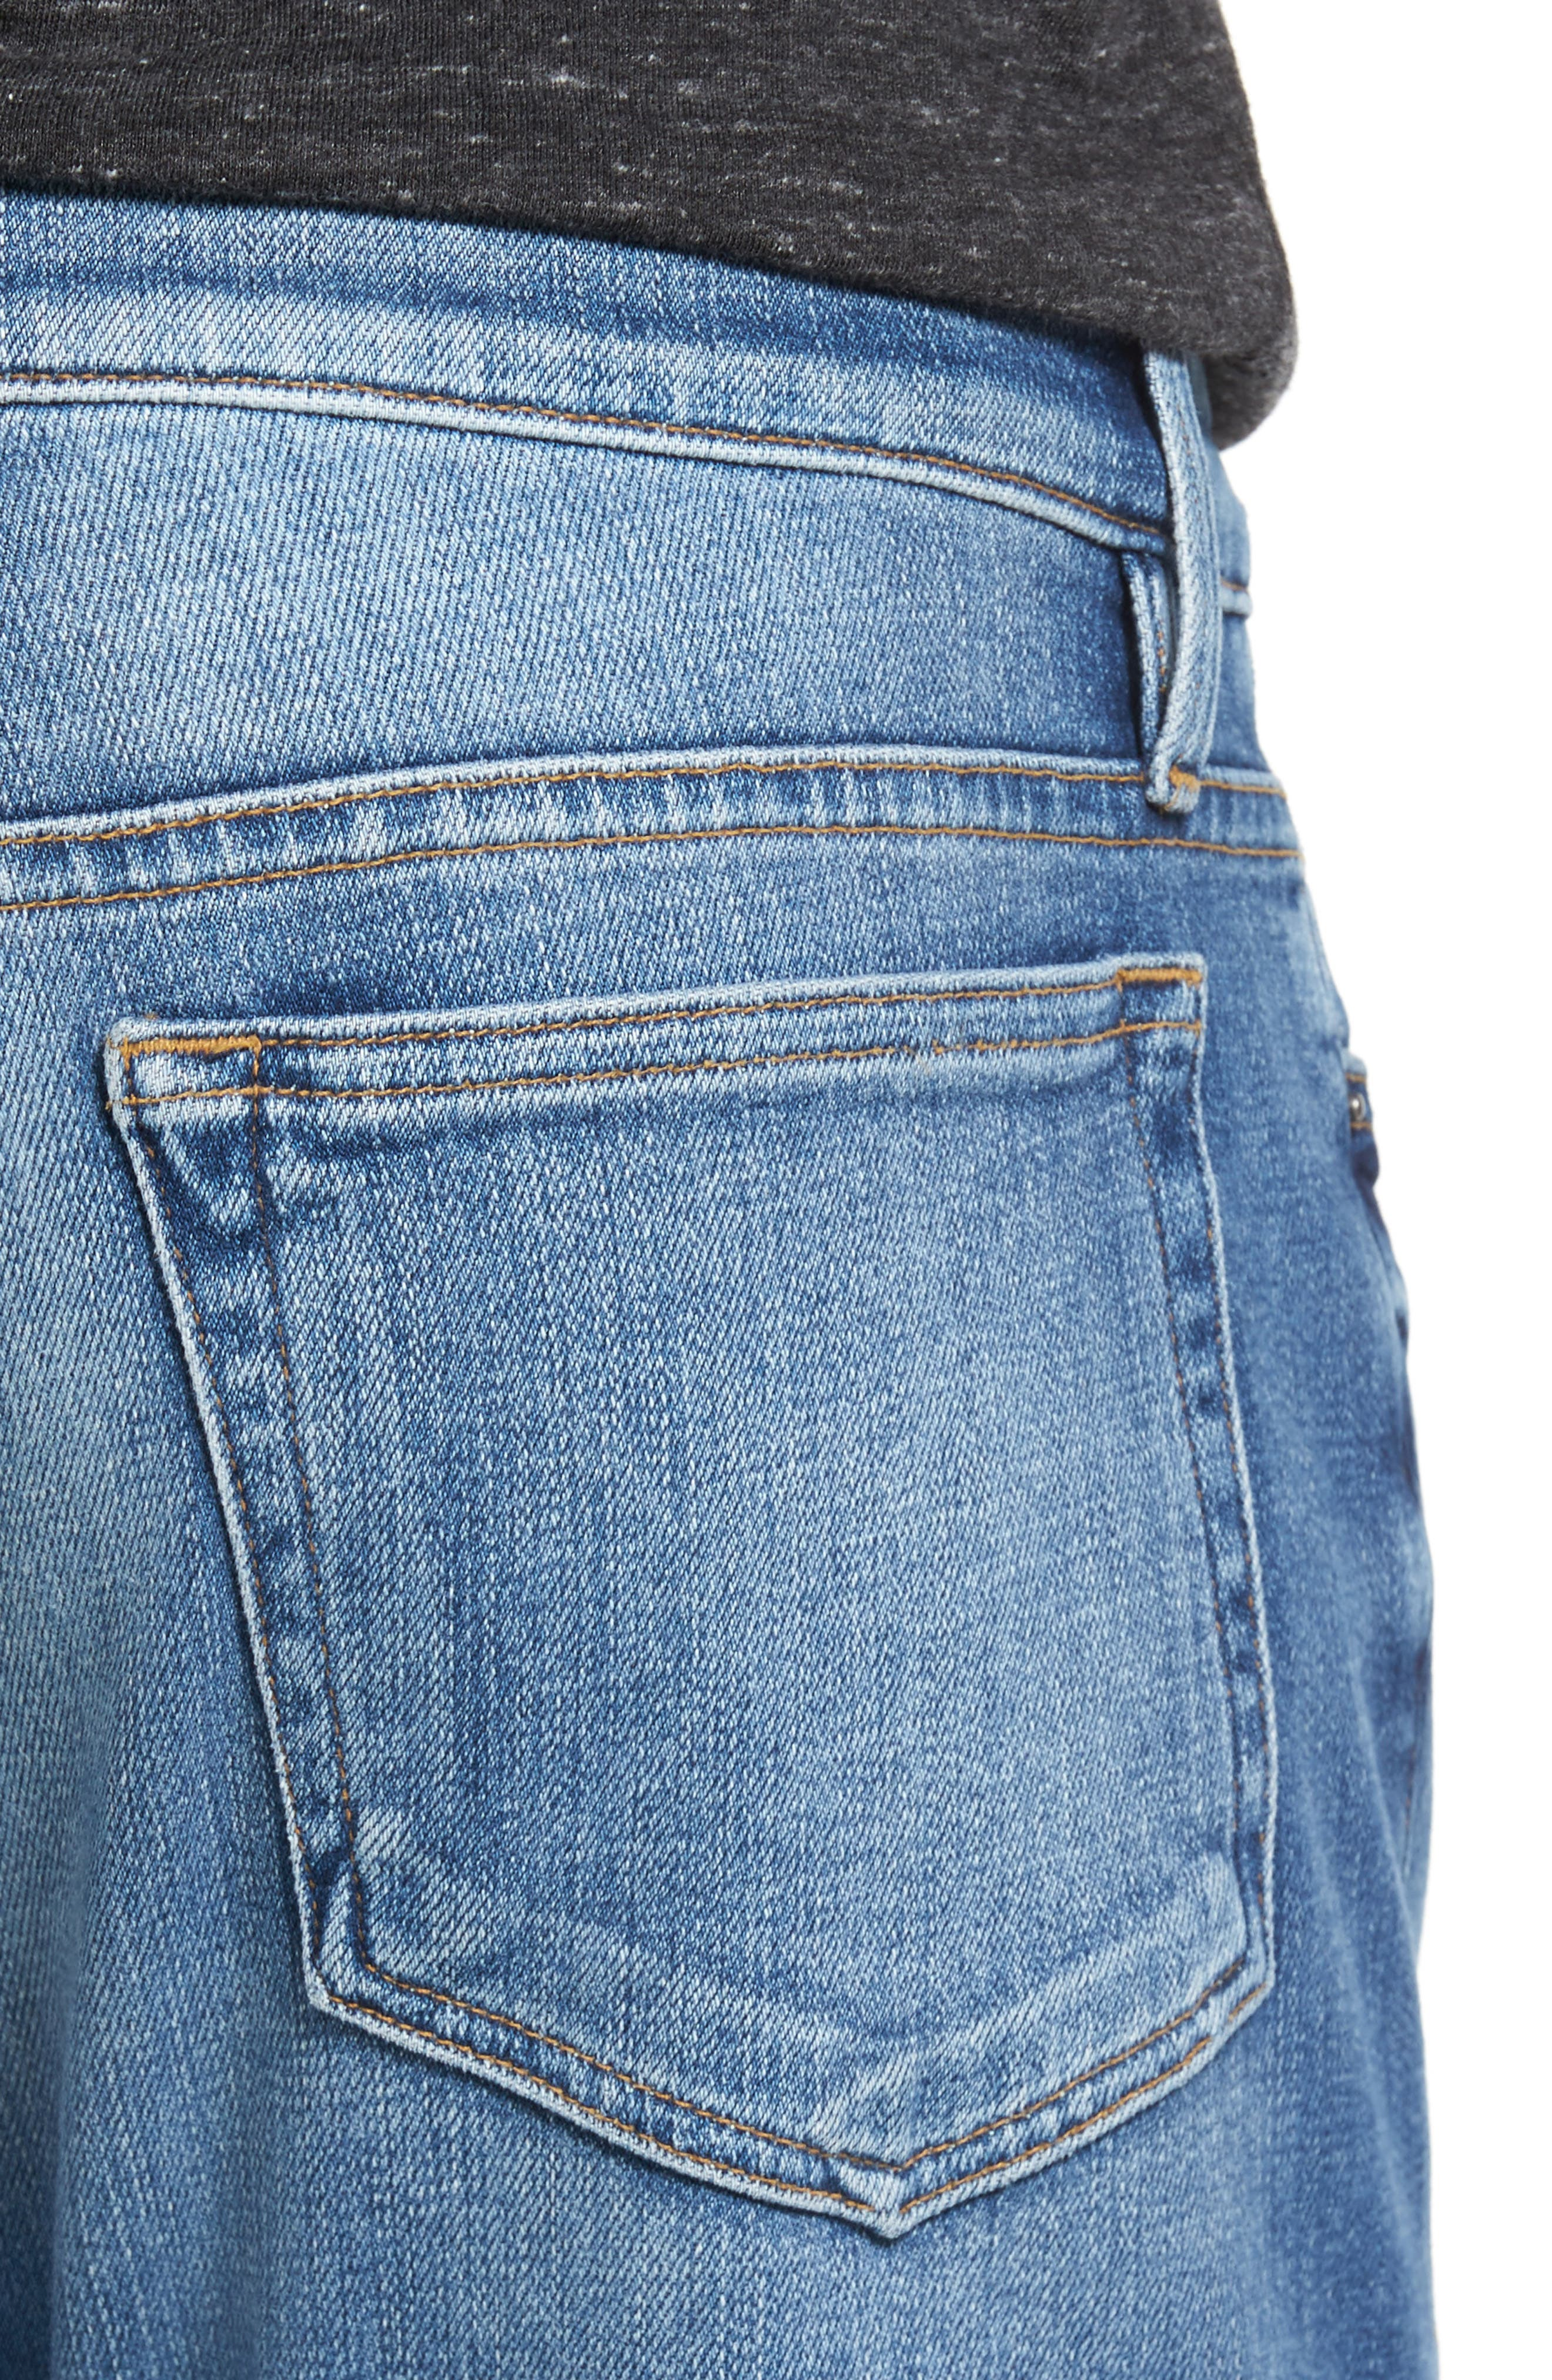 L'Homme Slim Fit Jeans,                             Alternate thumbnail 4, color,                             Palo Alto